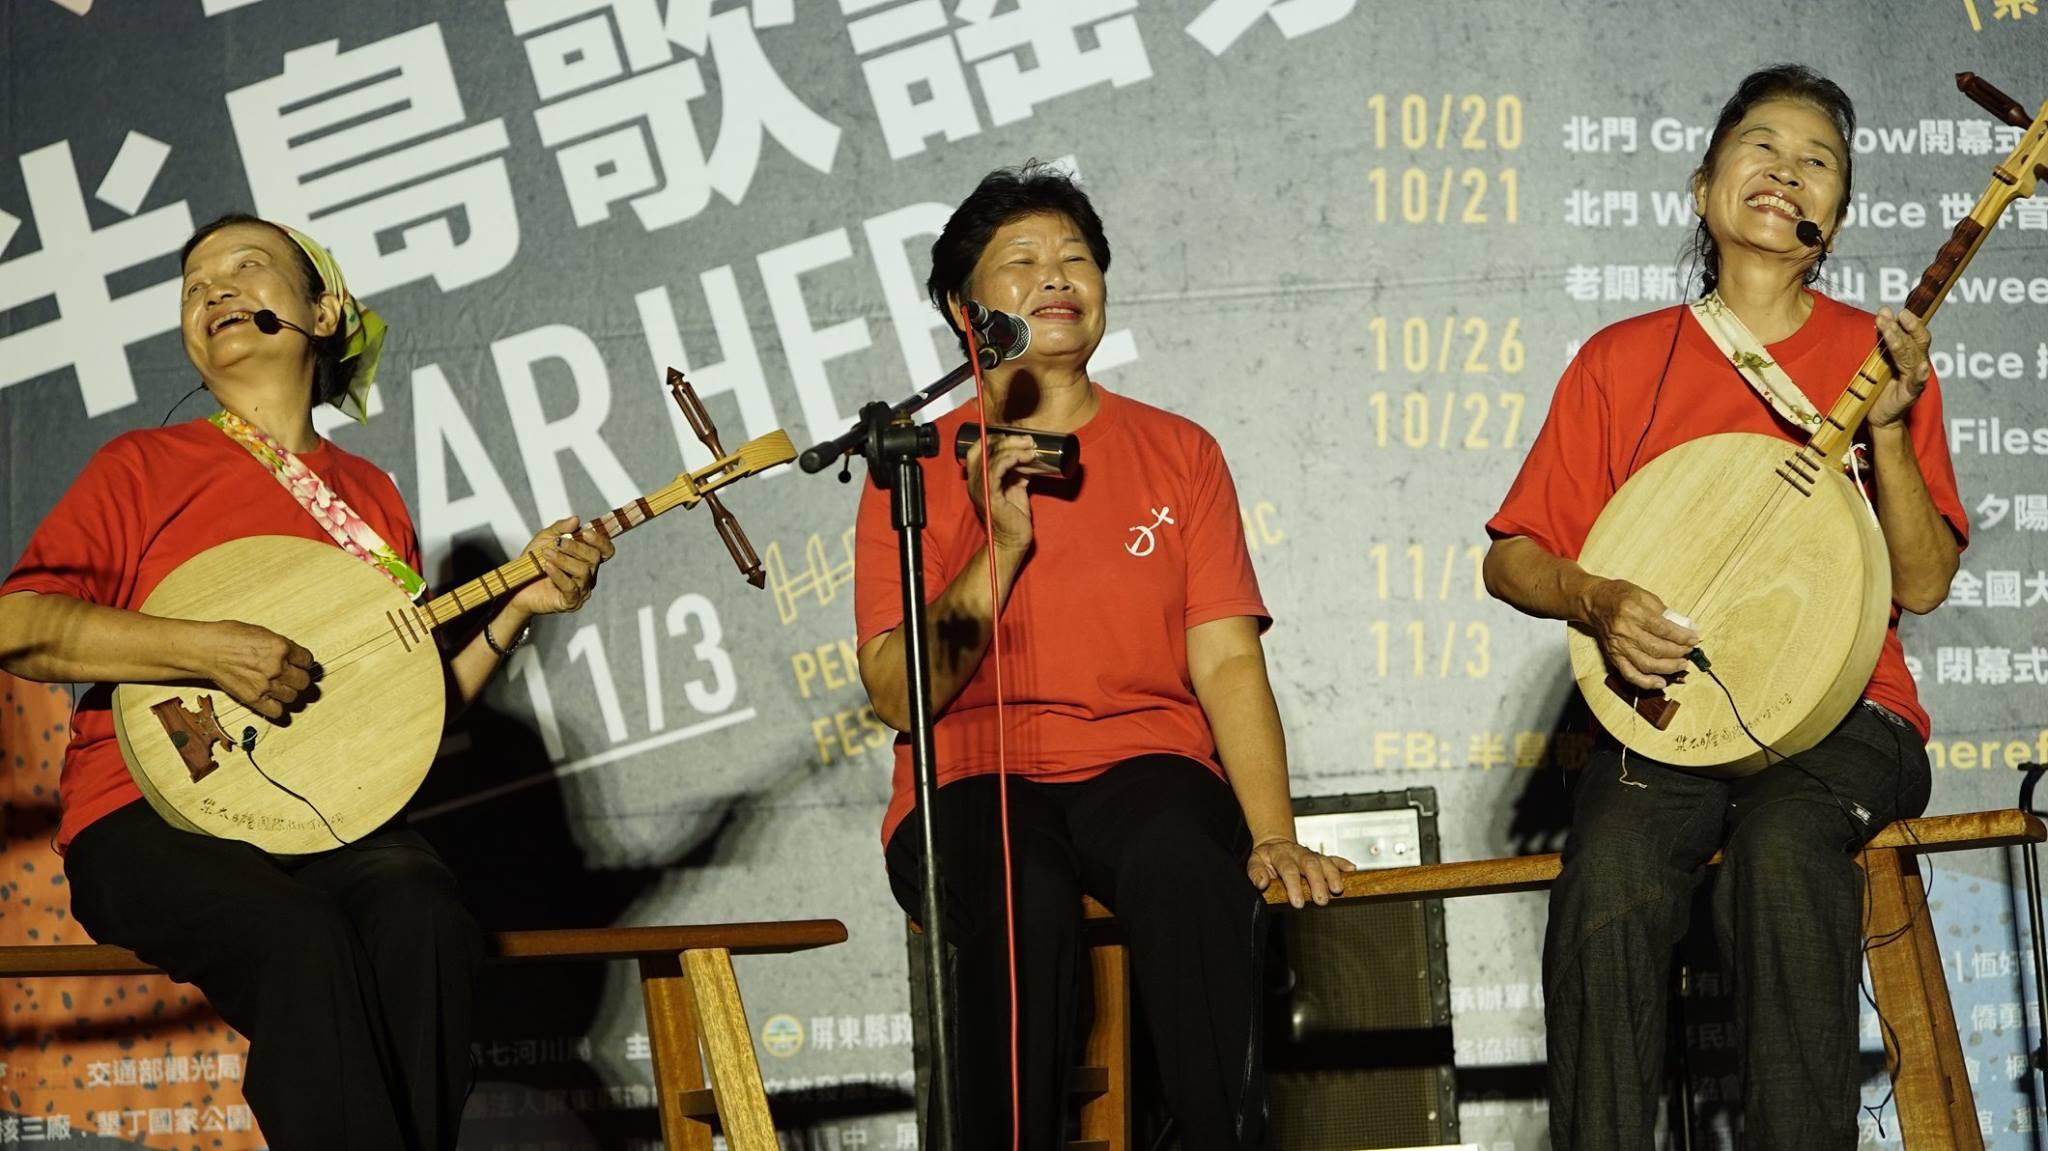 活動邀請在地資深唱將們演出。來源:半島歌謠祭活動專頁。